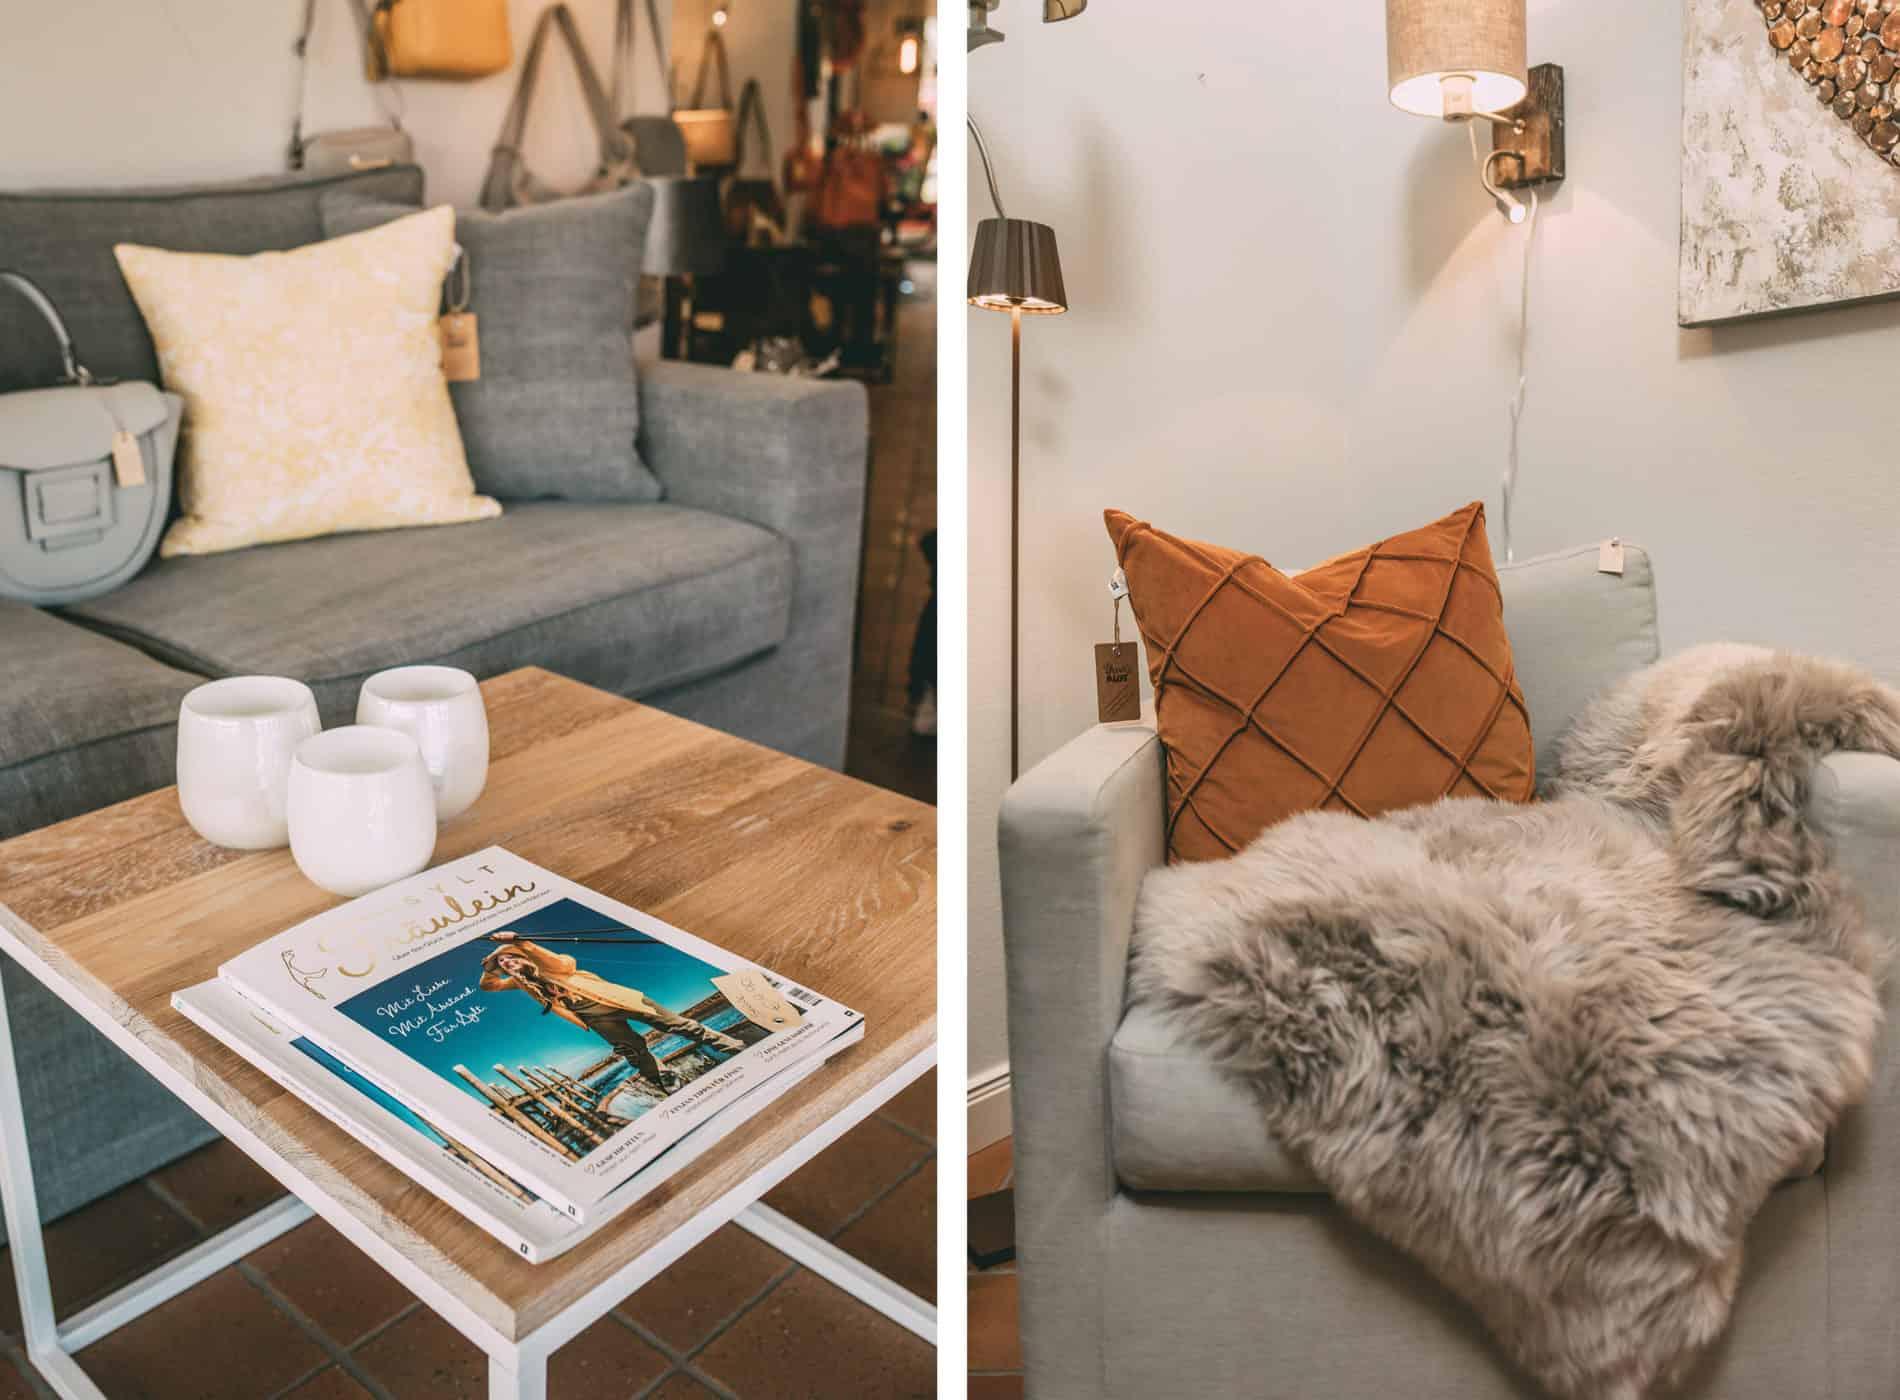 Couchtisch mit Sylt Fräulein Magazin, Sofa mit Kissen und Decke